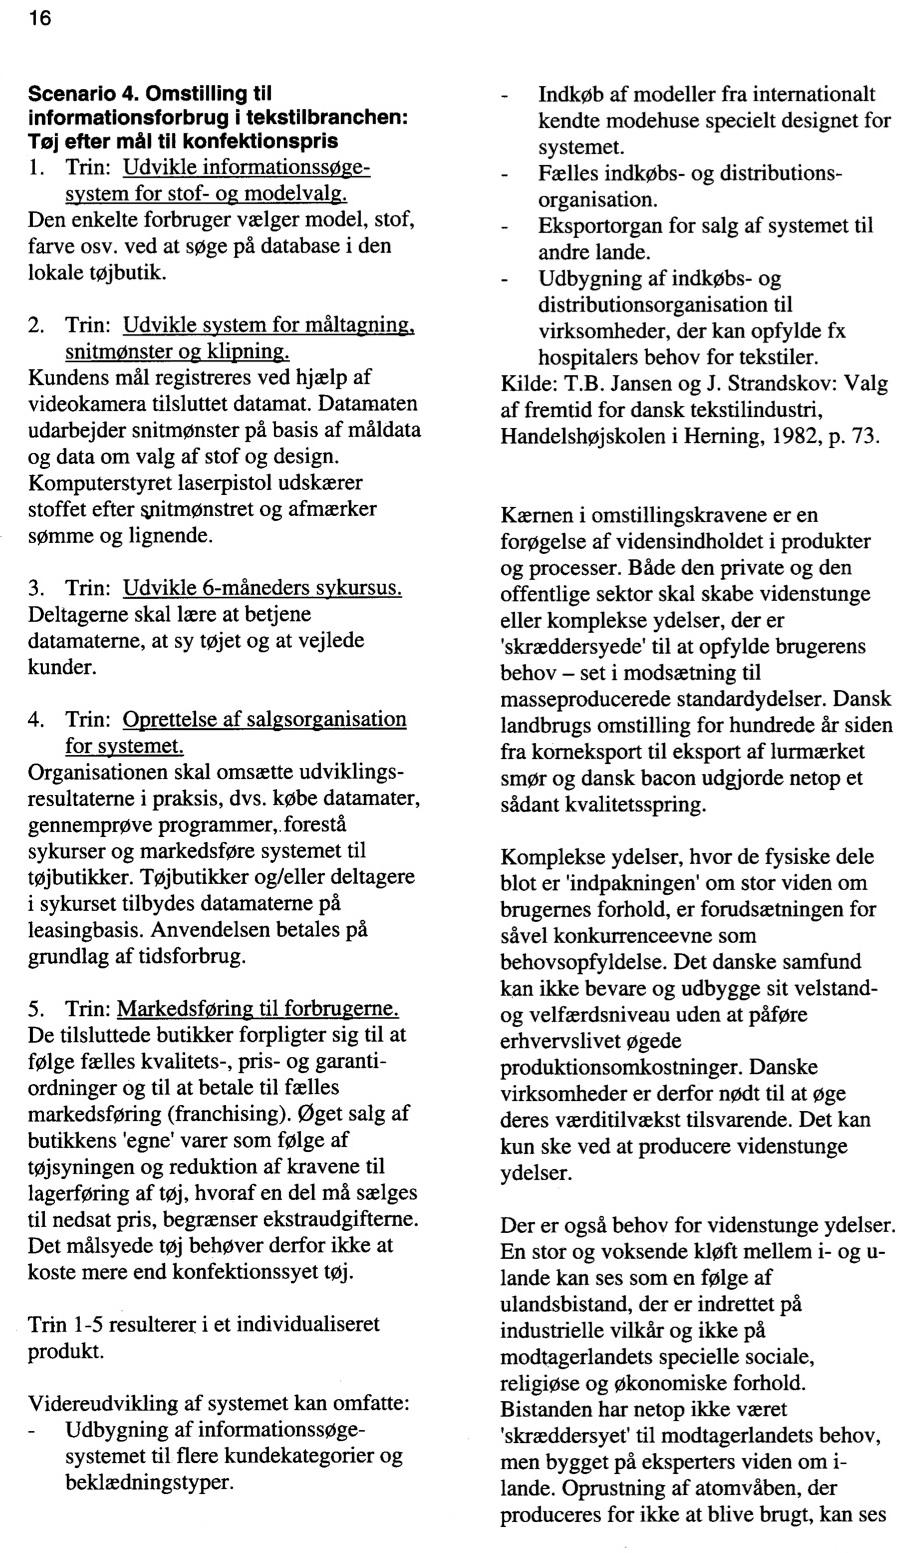 fut2004nr3-5014-1